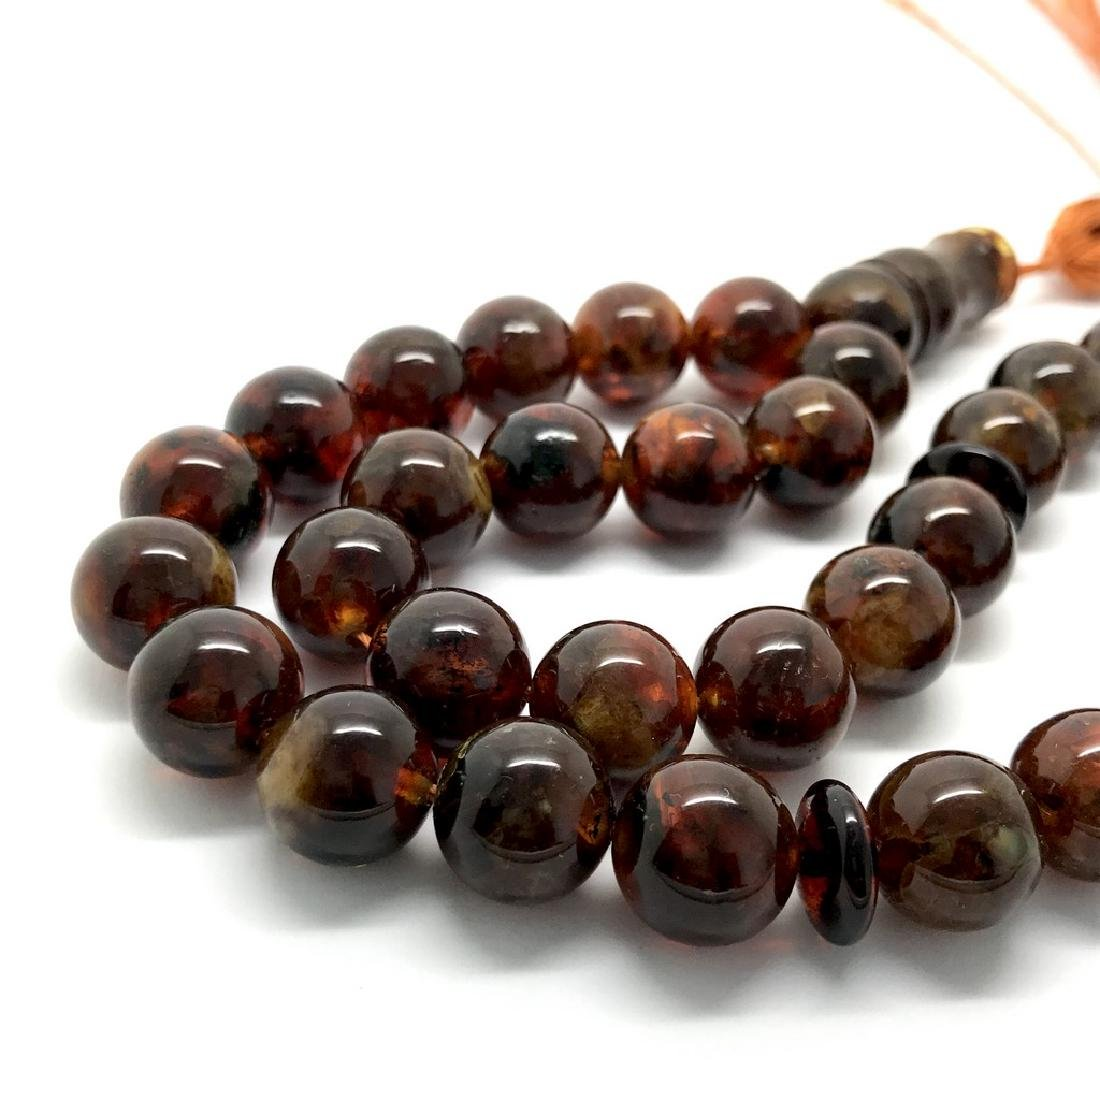 Misbaha tesbih Baltic amber cognac 33 beads ø11.5mm - 3